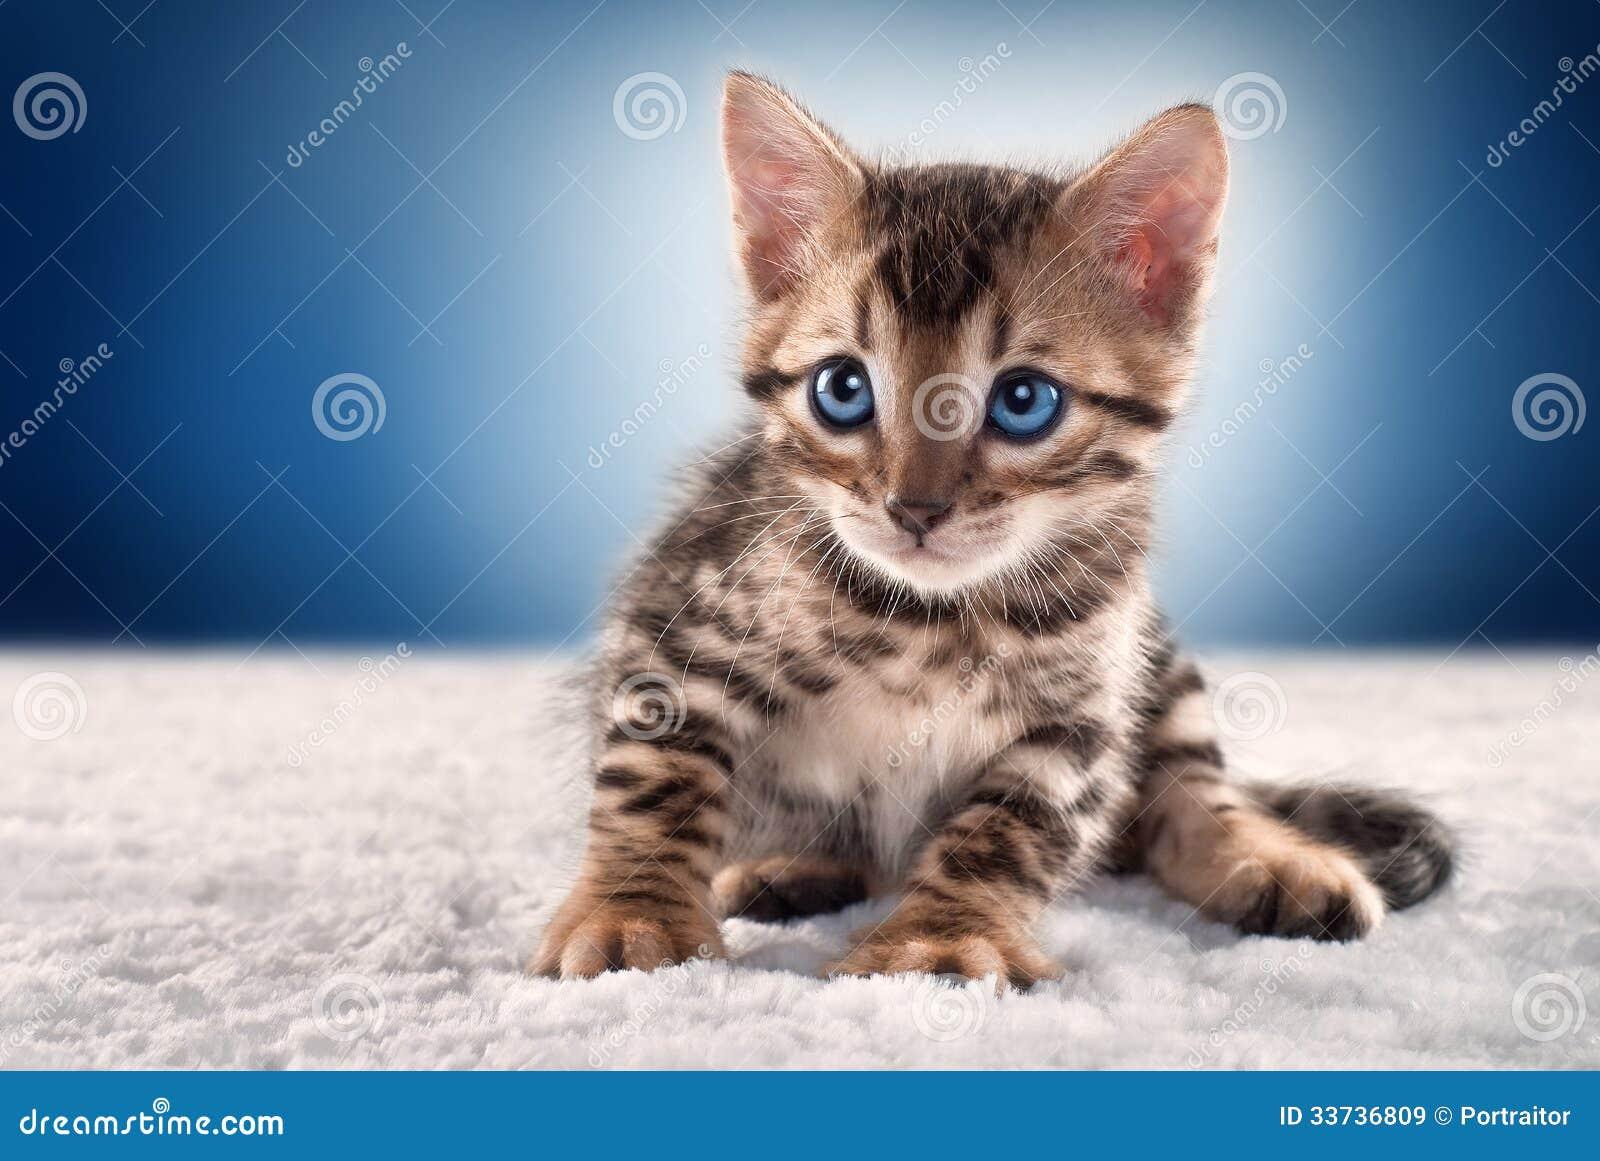 在蓝色背景的孟加拉小猫